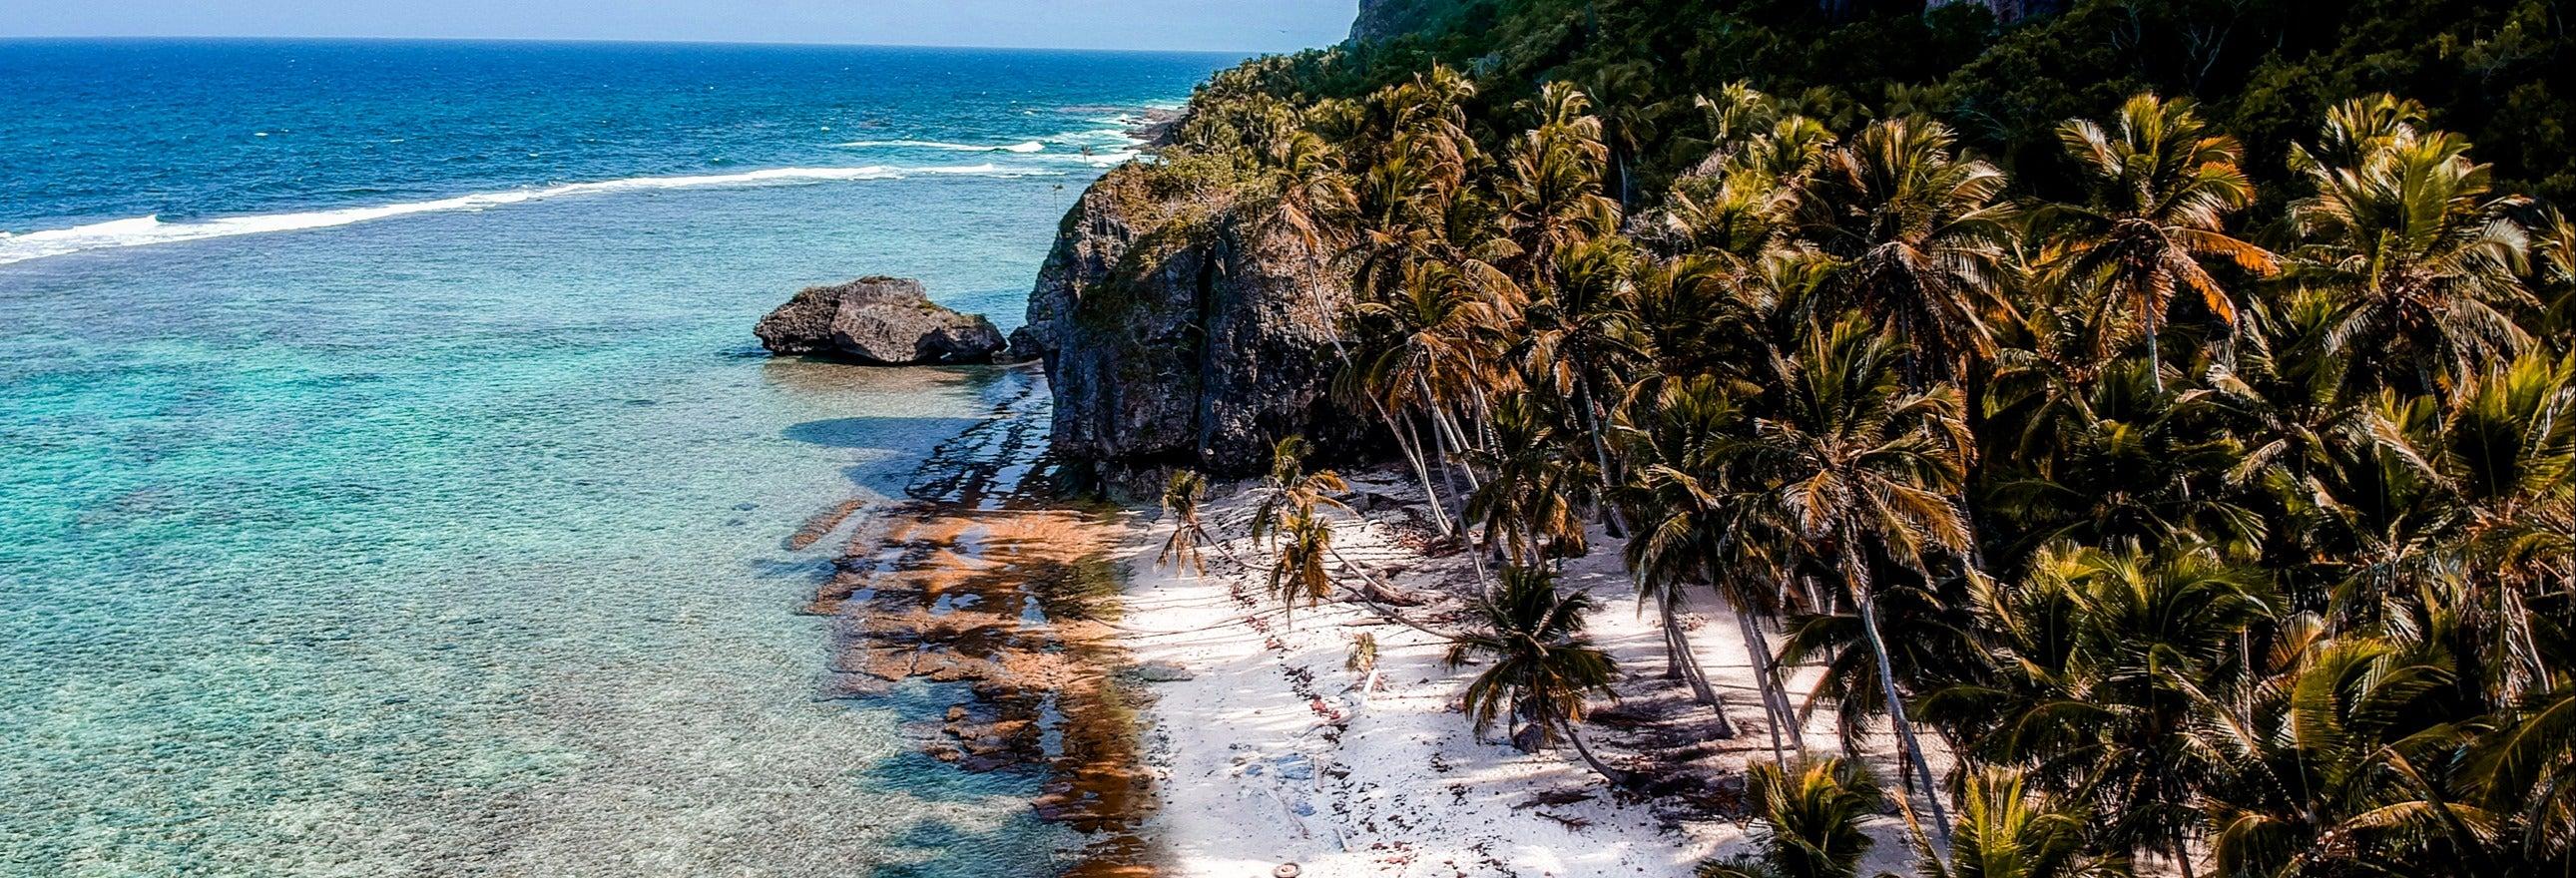 Tour de lancha pelas praias de Samaná